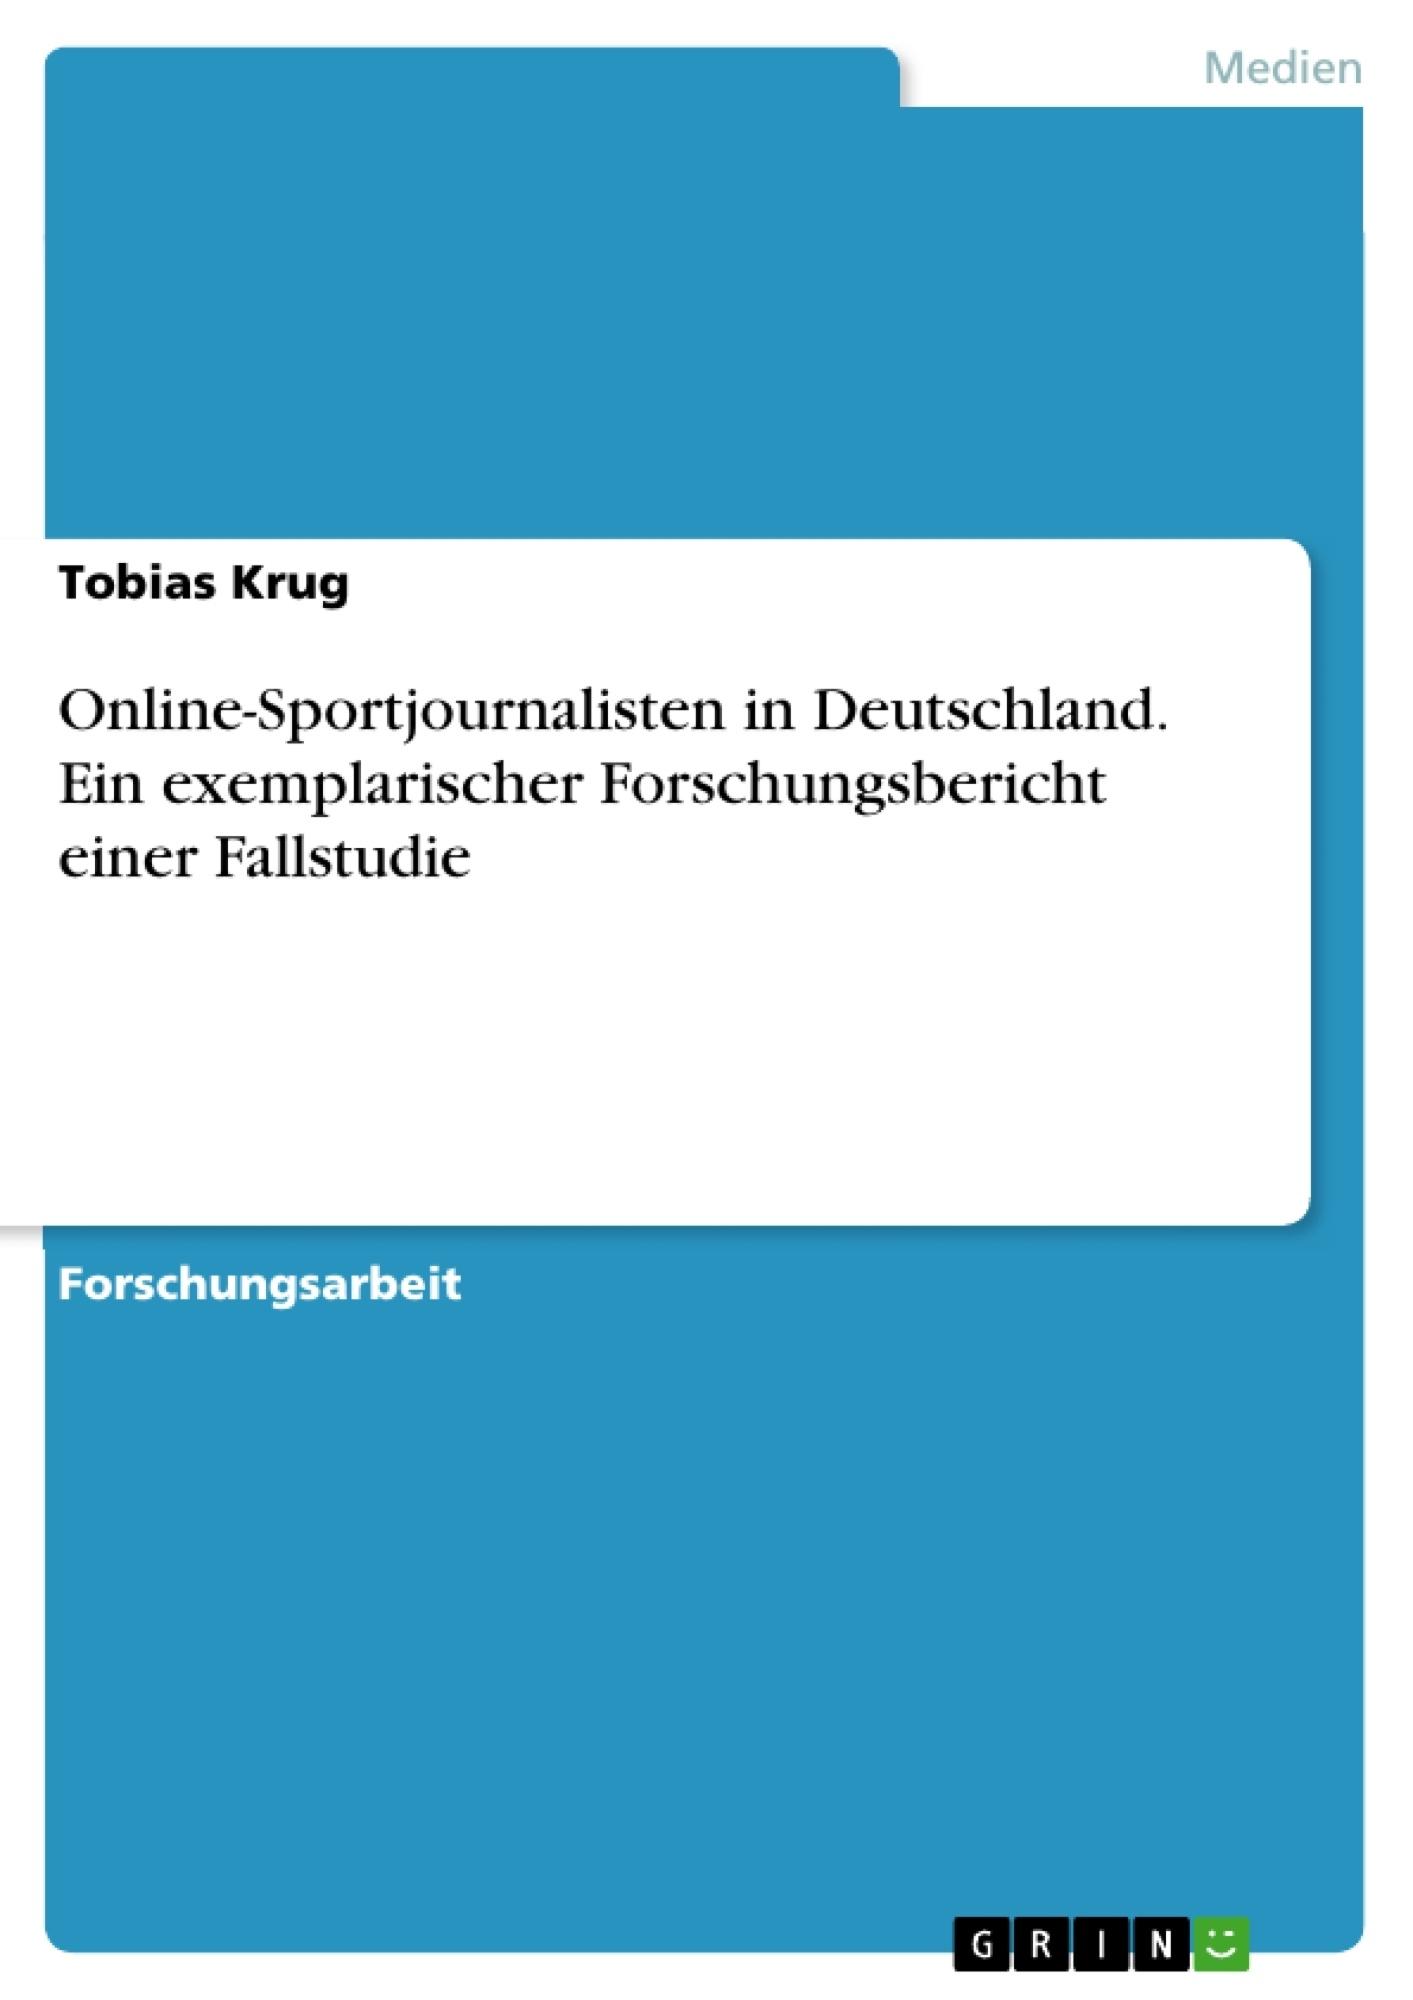 Titel: Online-Sportjournalisten in Deutschland.  Ein exemplarischer Forschungsbericht einer Fallstudie